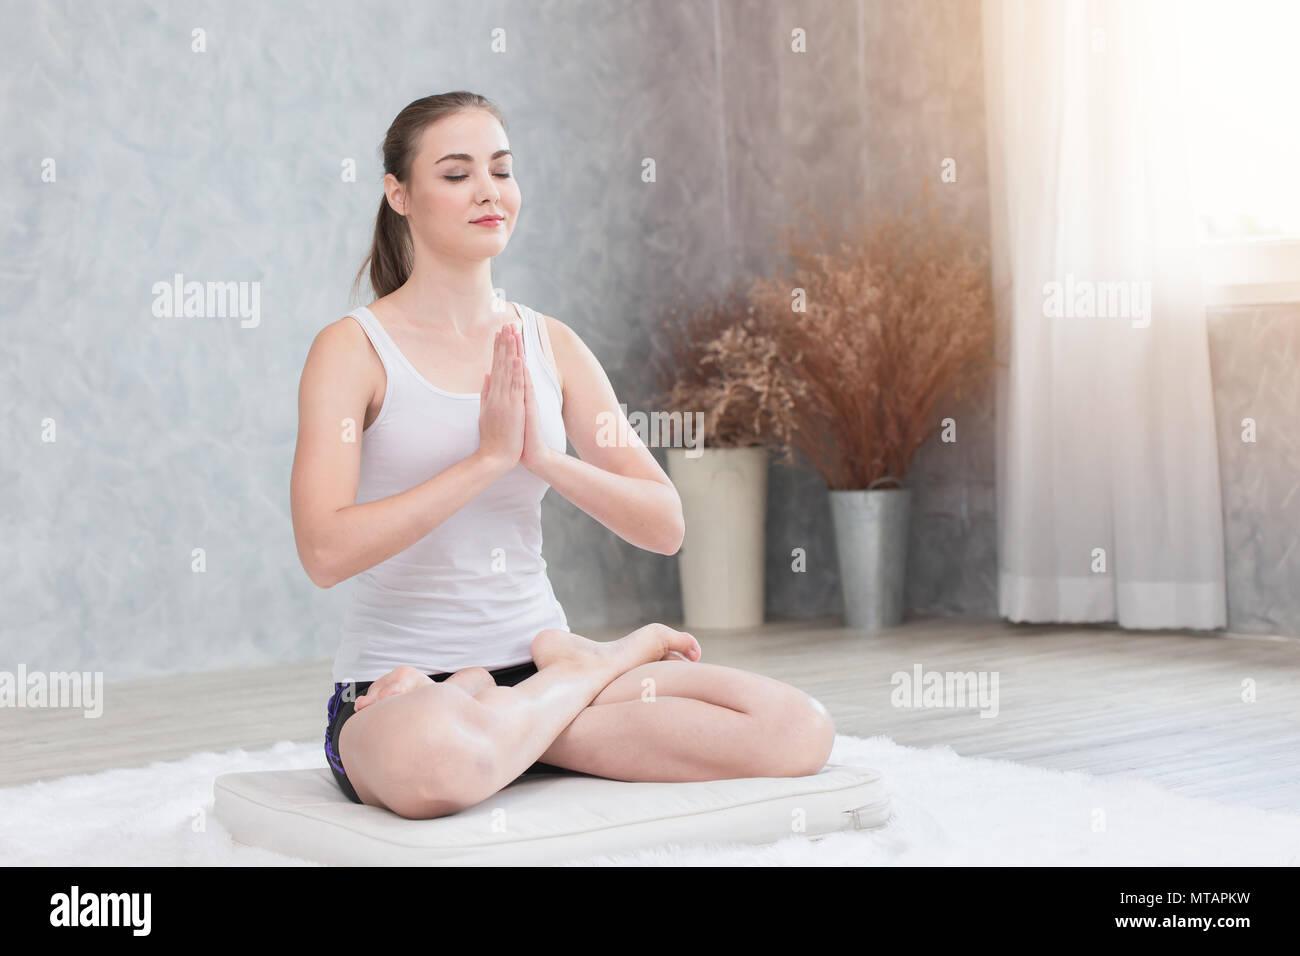 Healthy Living Indoor Stock Photos Amp Healthy Living Indoor